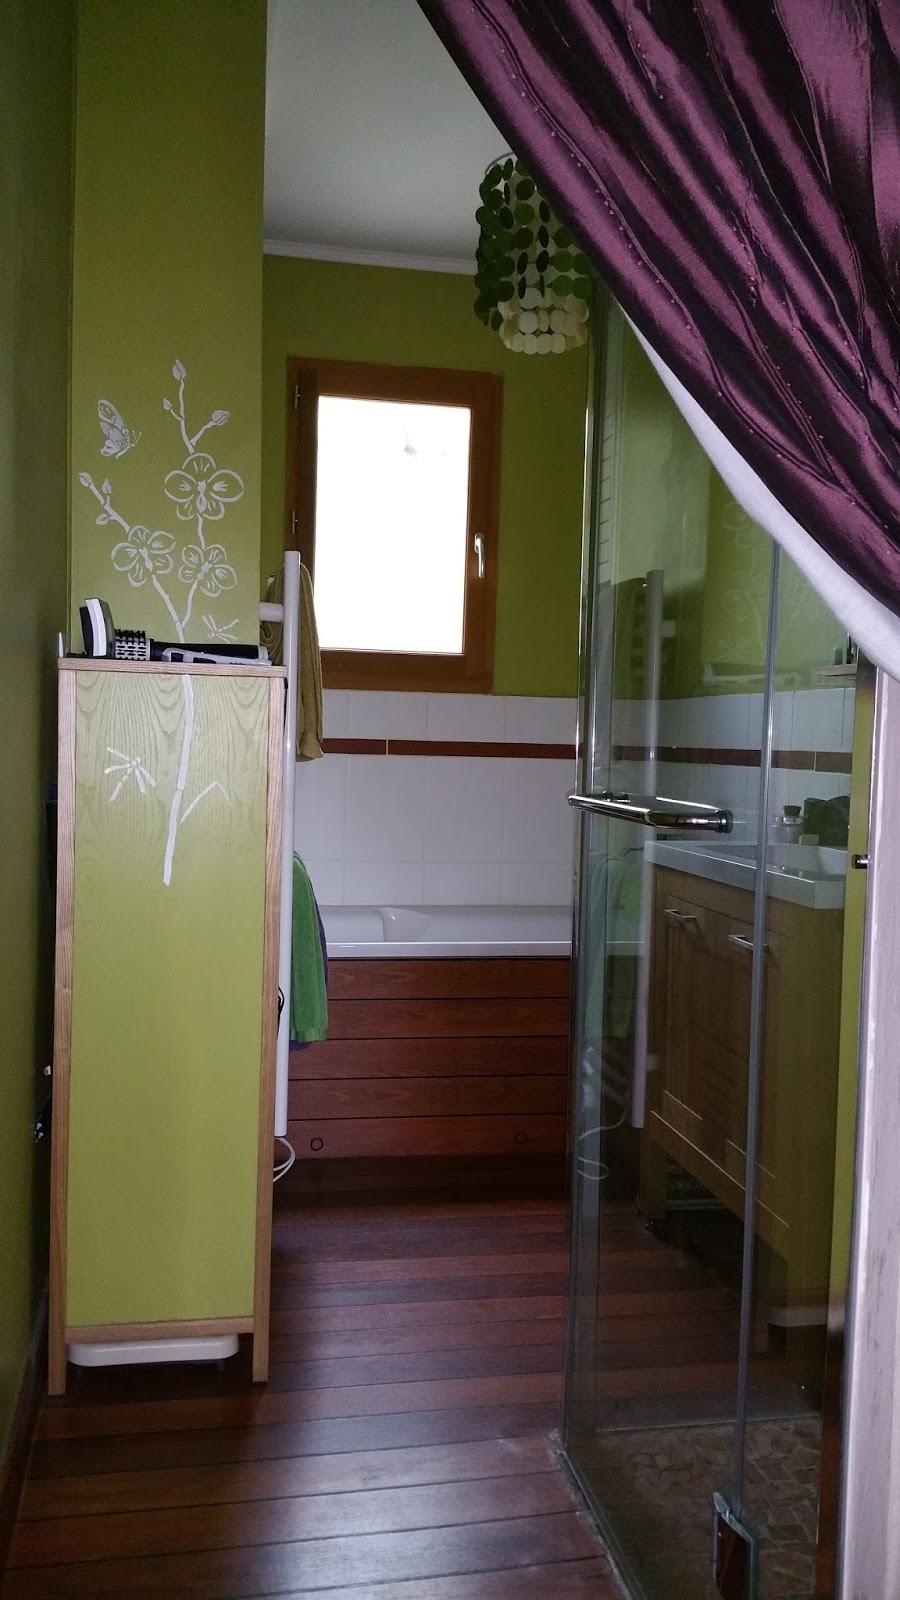 Maison coup de coeur touraine sud: salle de bains avec baignoire ...